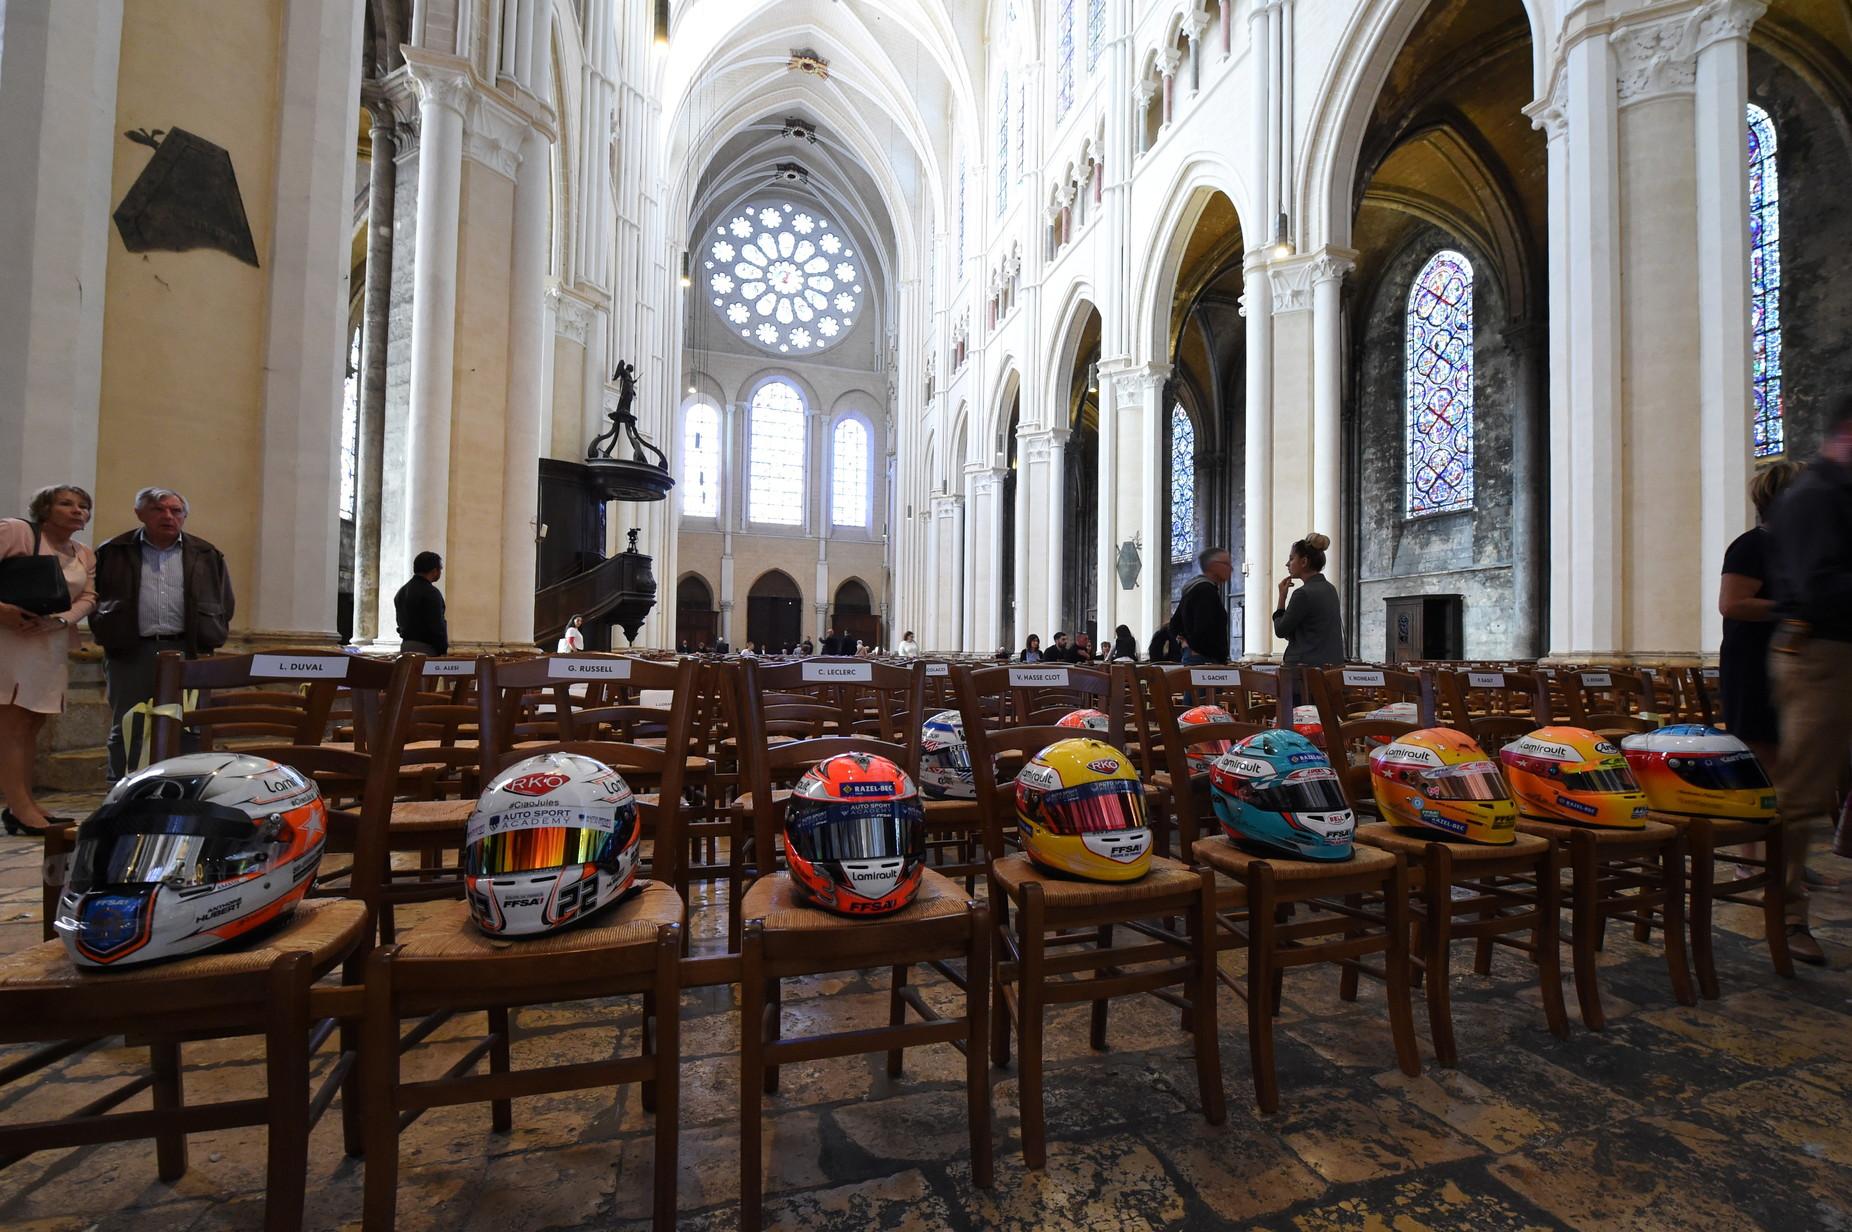 Si sono tenuti nella Cattedrale di Notre-Dame a Chartres i funerali diAnthoine Hubert, il pilota francese 22enne di Formula 2deceduto lo scorso 31 agosto in seguito aun brutto incidente sul circuito di Spa. A presenziare alla cerimonia molti volti noti del mondo dei motori tra i quali Leclerc, Prost e Jean Todt.